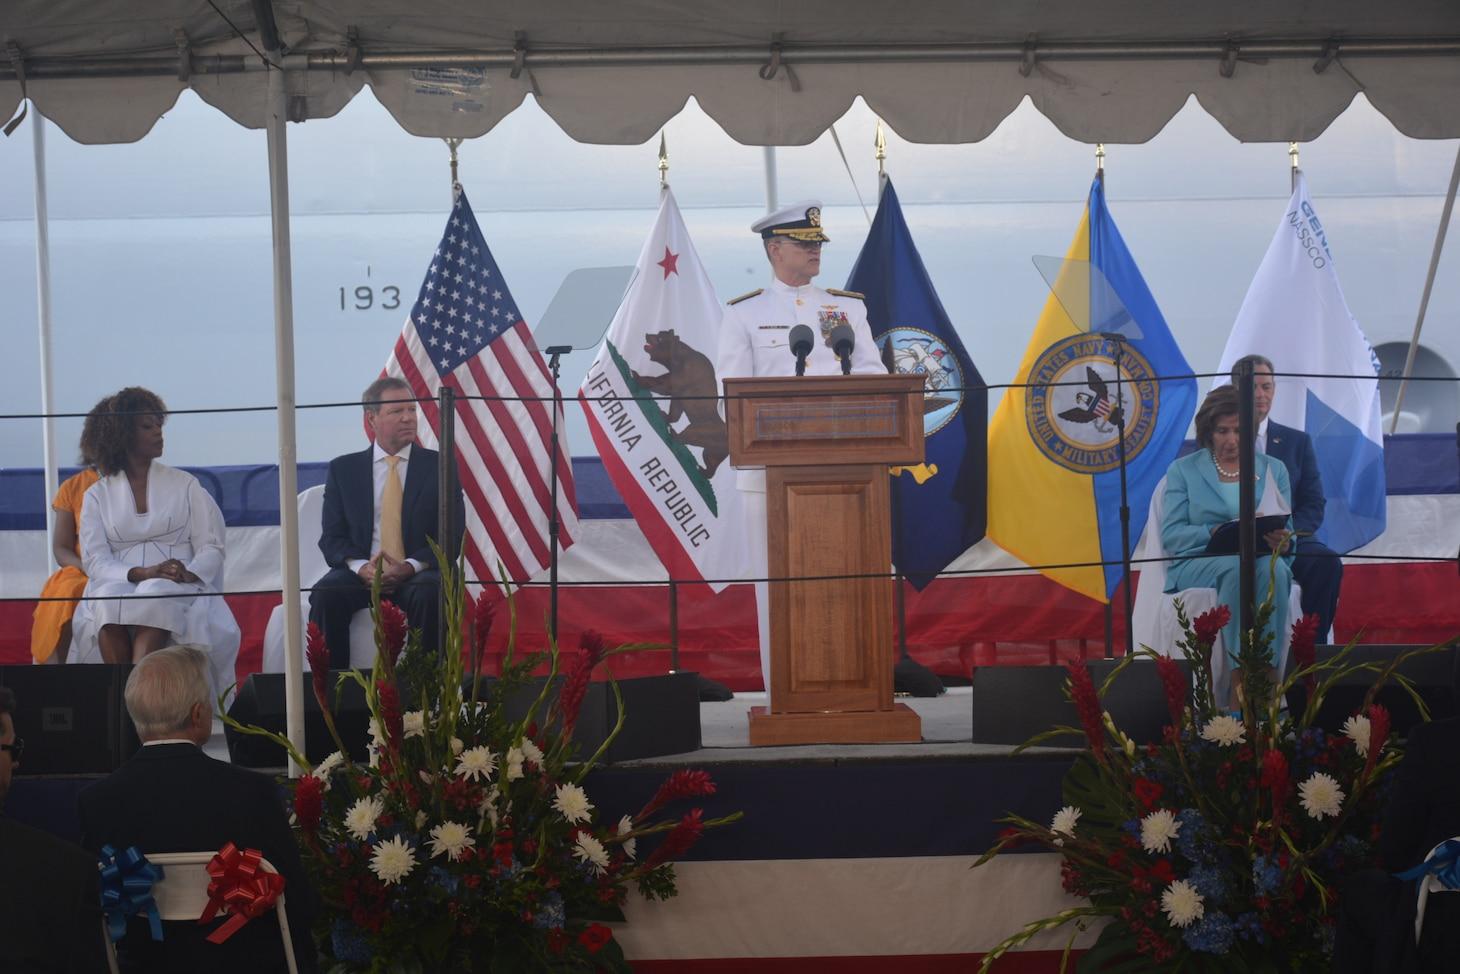 Rear Adm. Michael Wettlaufer, Commander, Military Sealift Command, speaks during the christening ceremony of the fleet replenishment oiler USNS John Lewis.